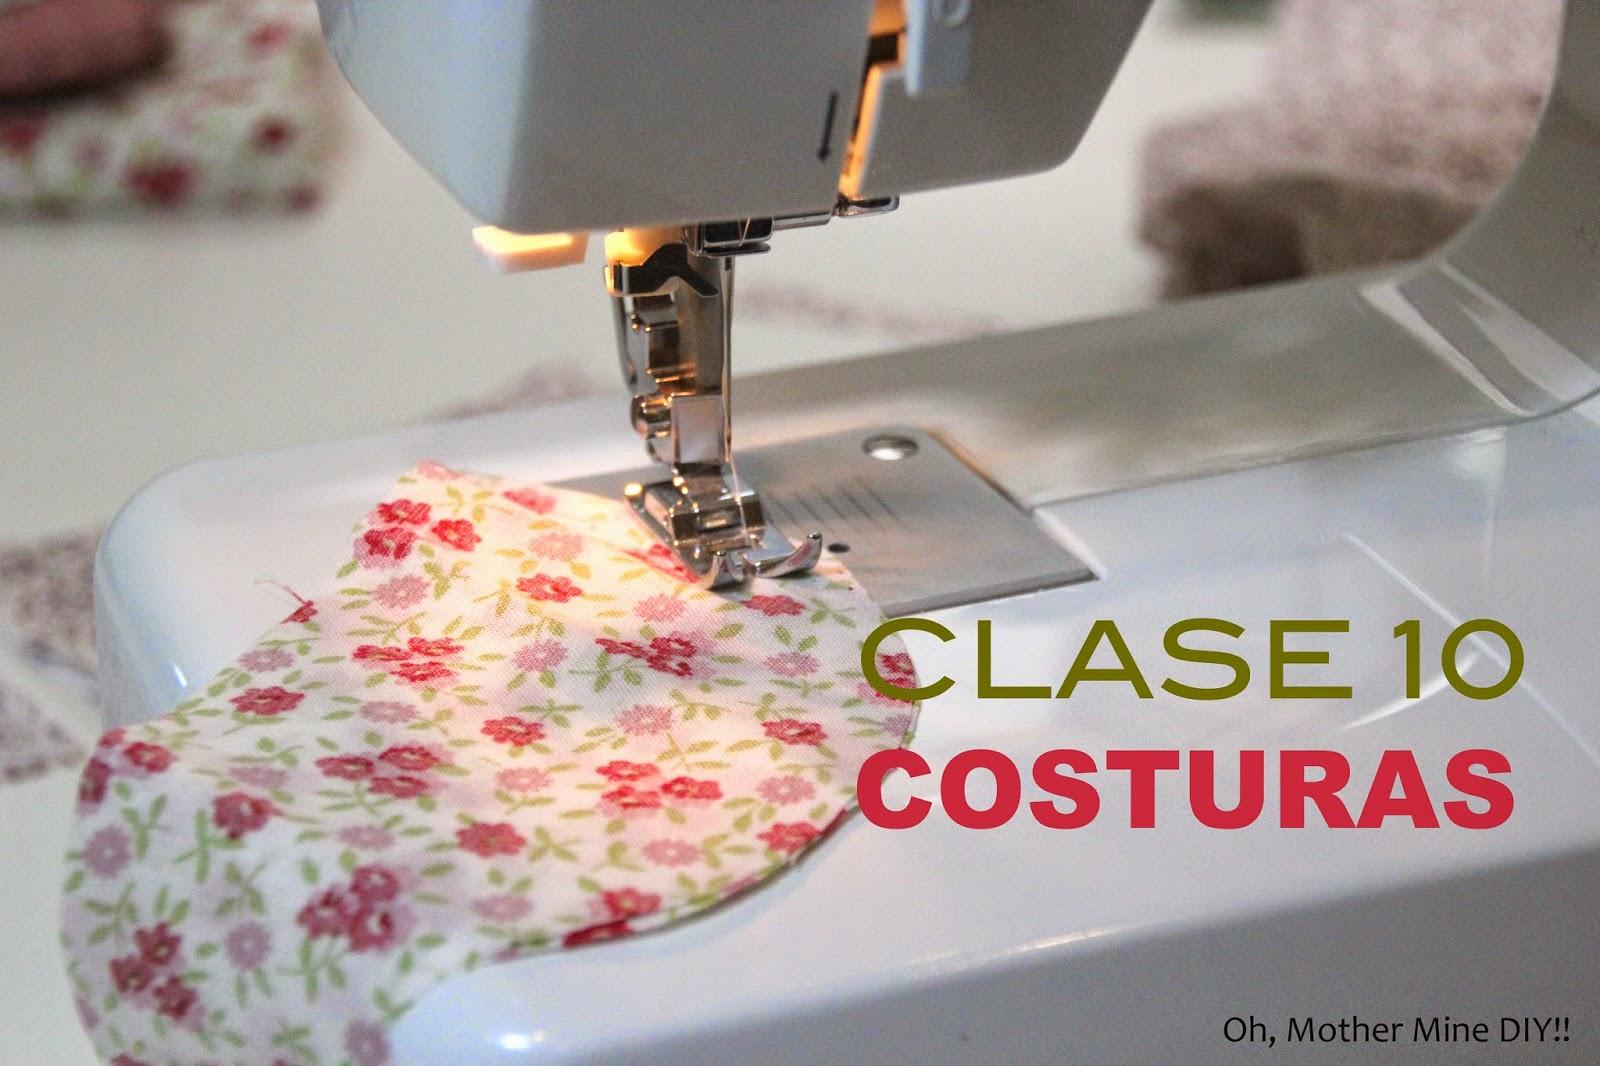 Maquina de coser buscar curso coser a maquina - Como coser cortinas paso a paso ...